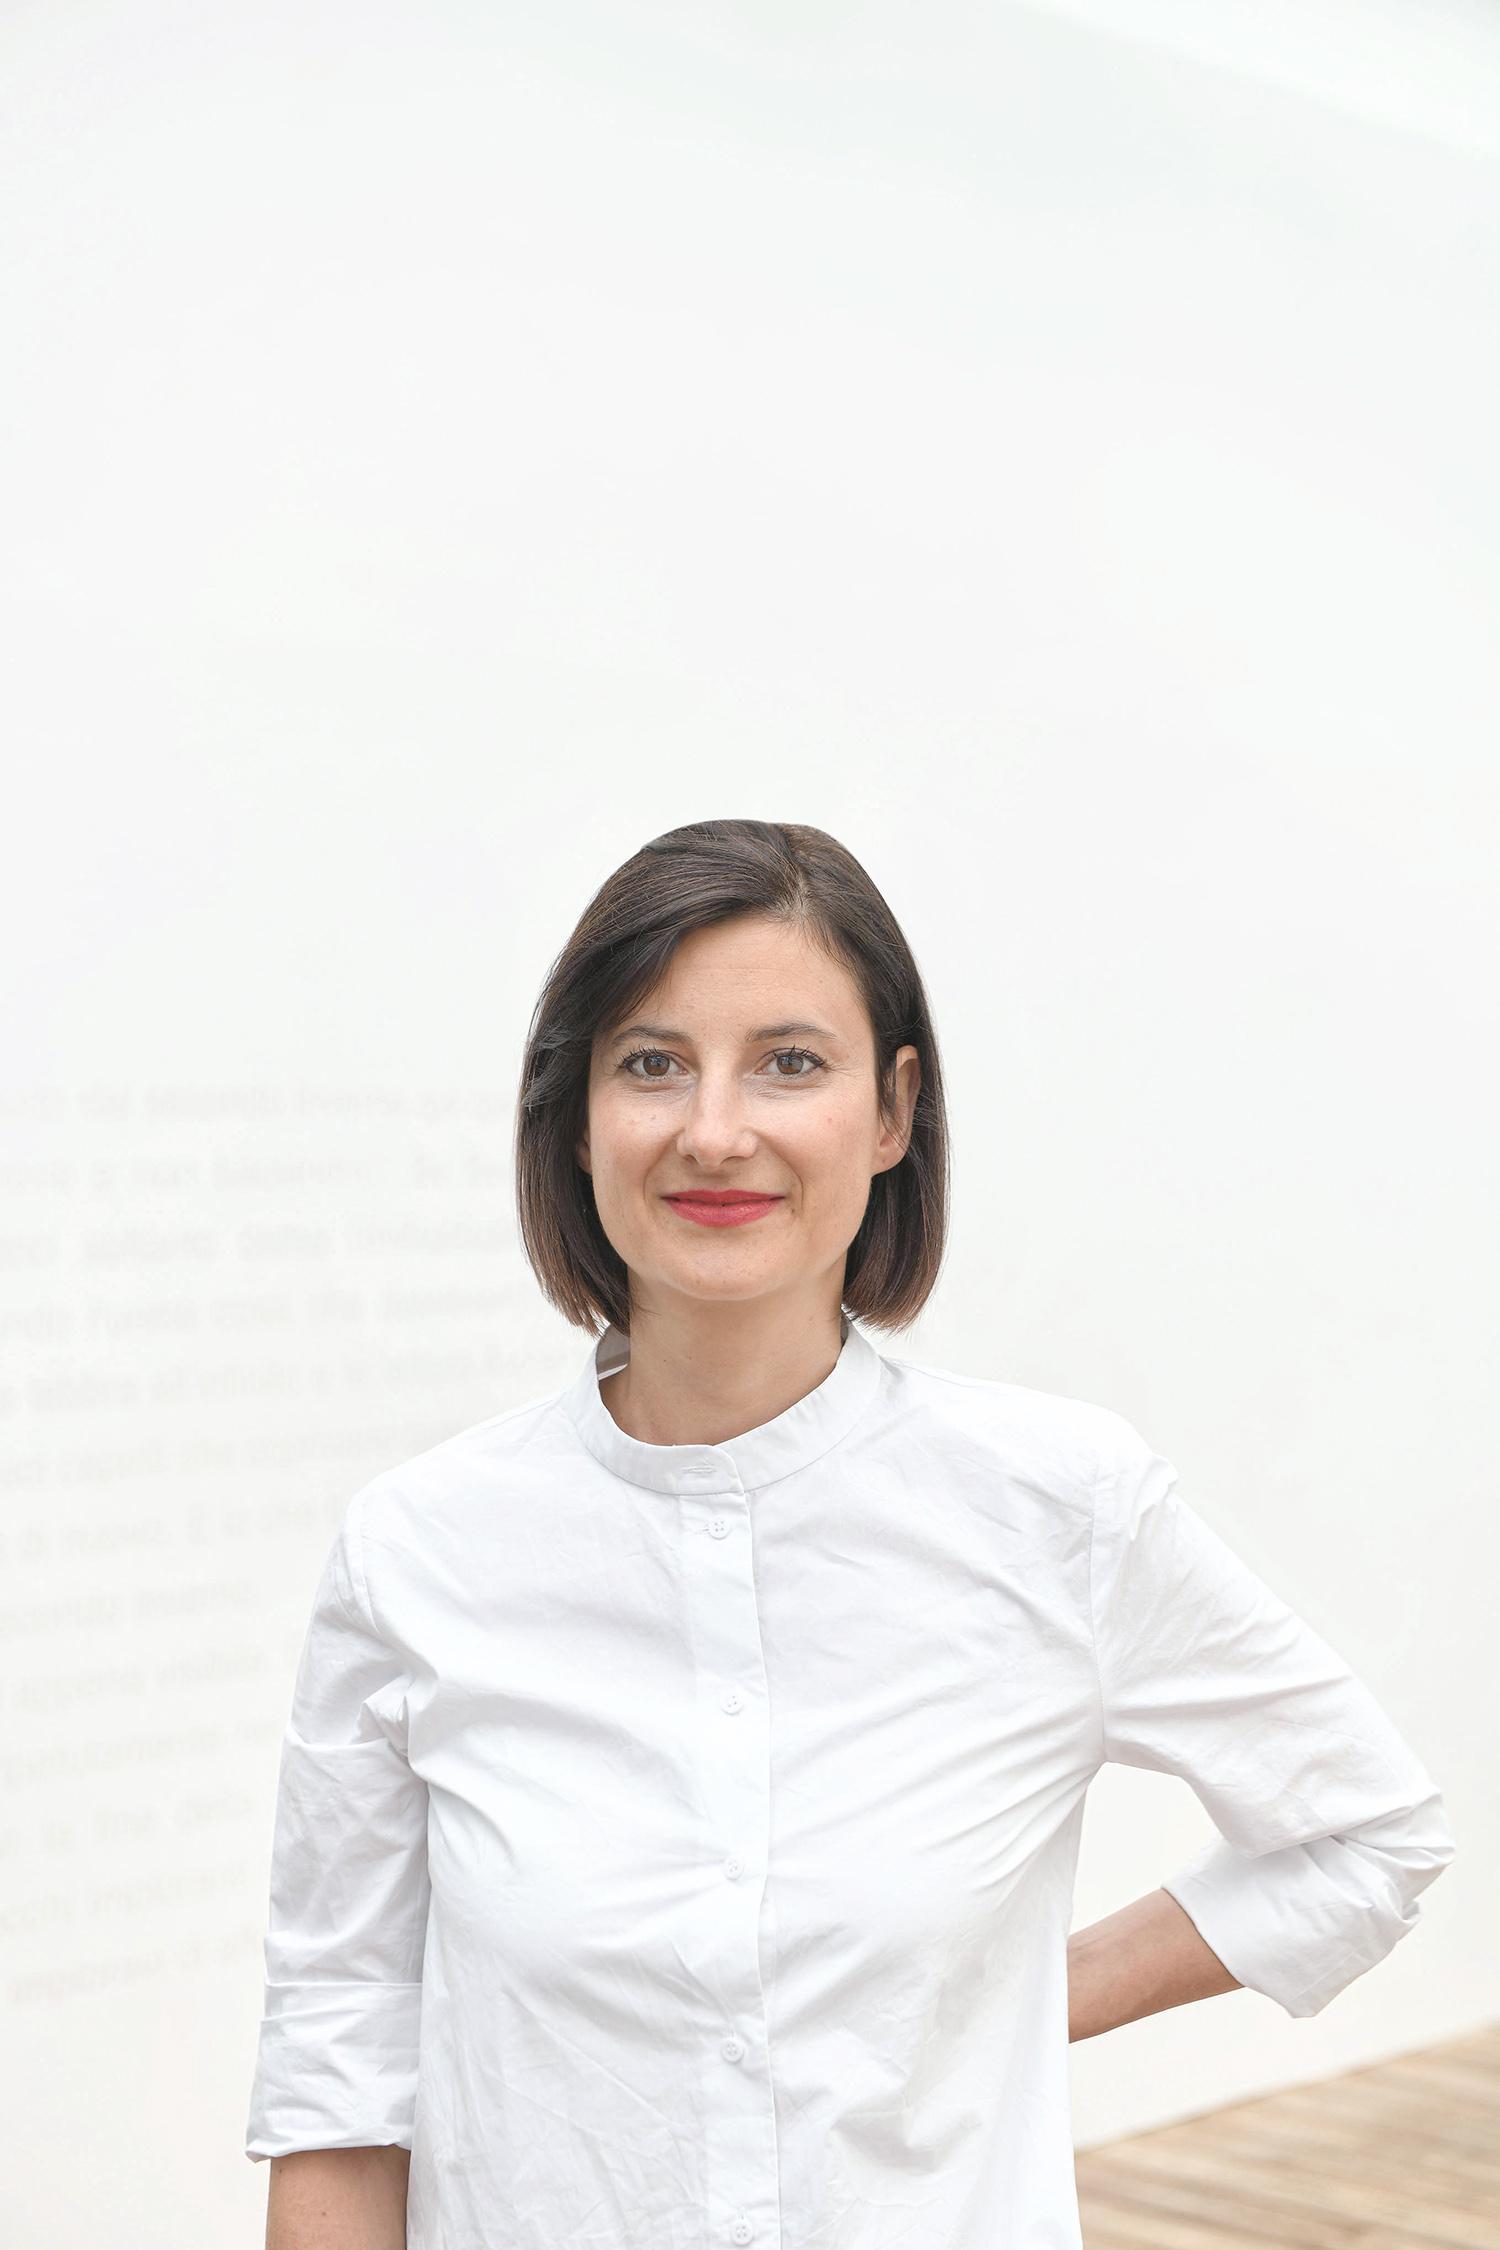 Martina Oberprantacher è la nuova direttrice della Kunsthaus di Merano